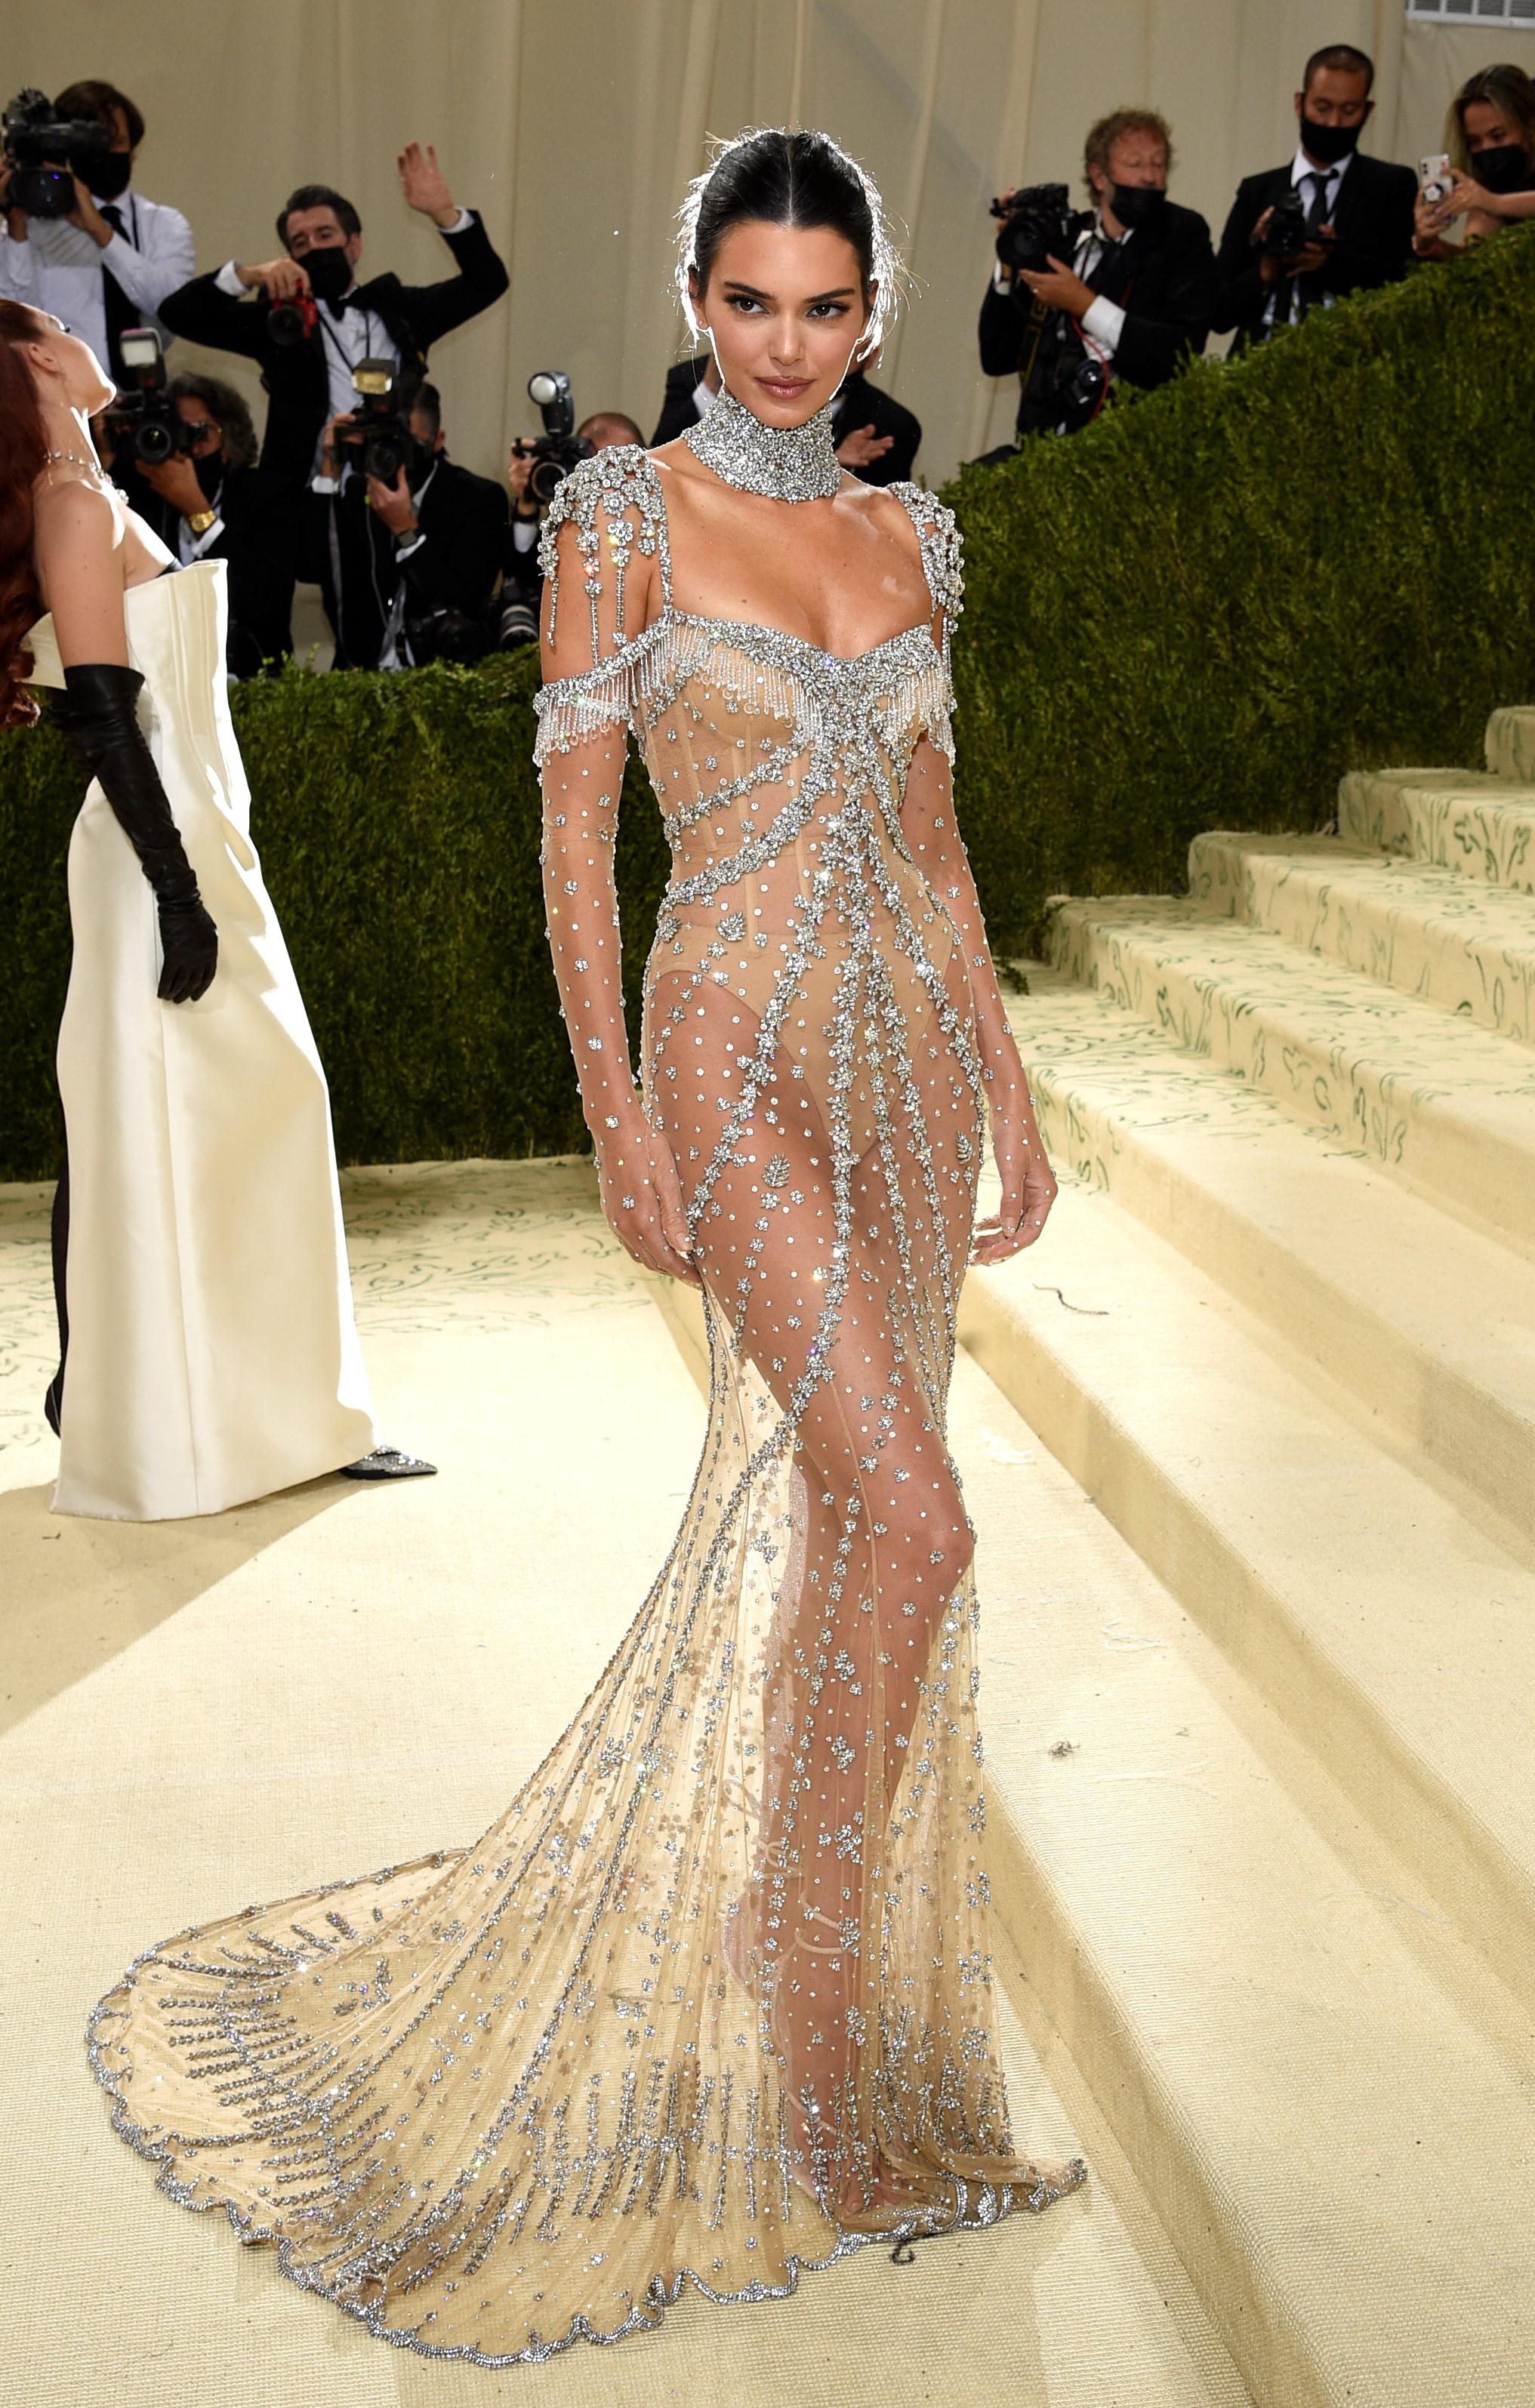 Kendall Jenner usó un vestido transparente, con detalles en color blanco.